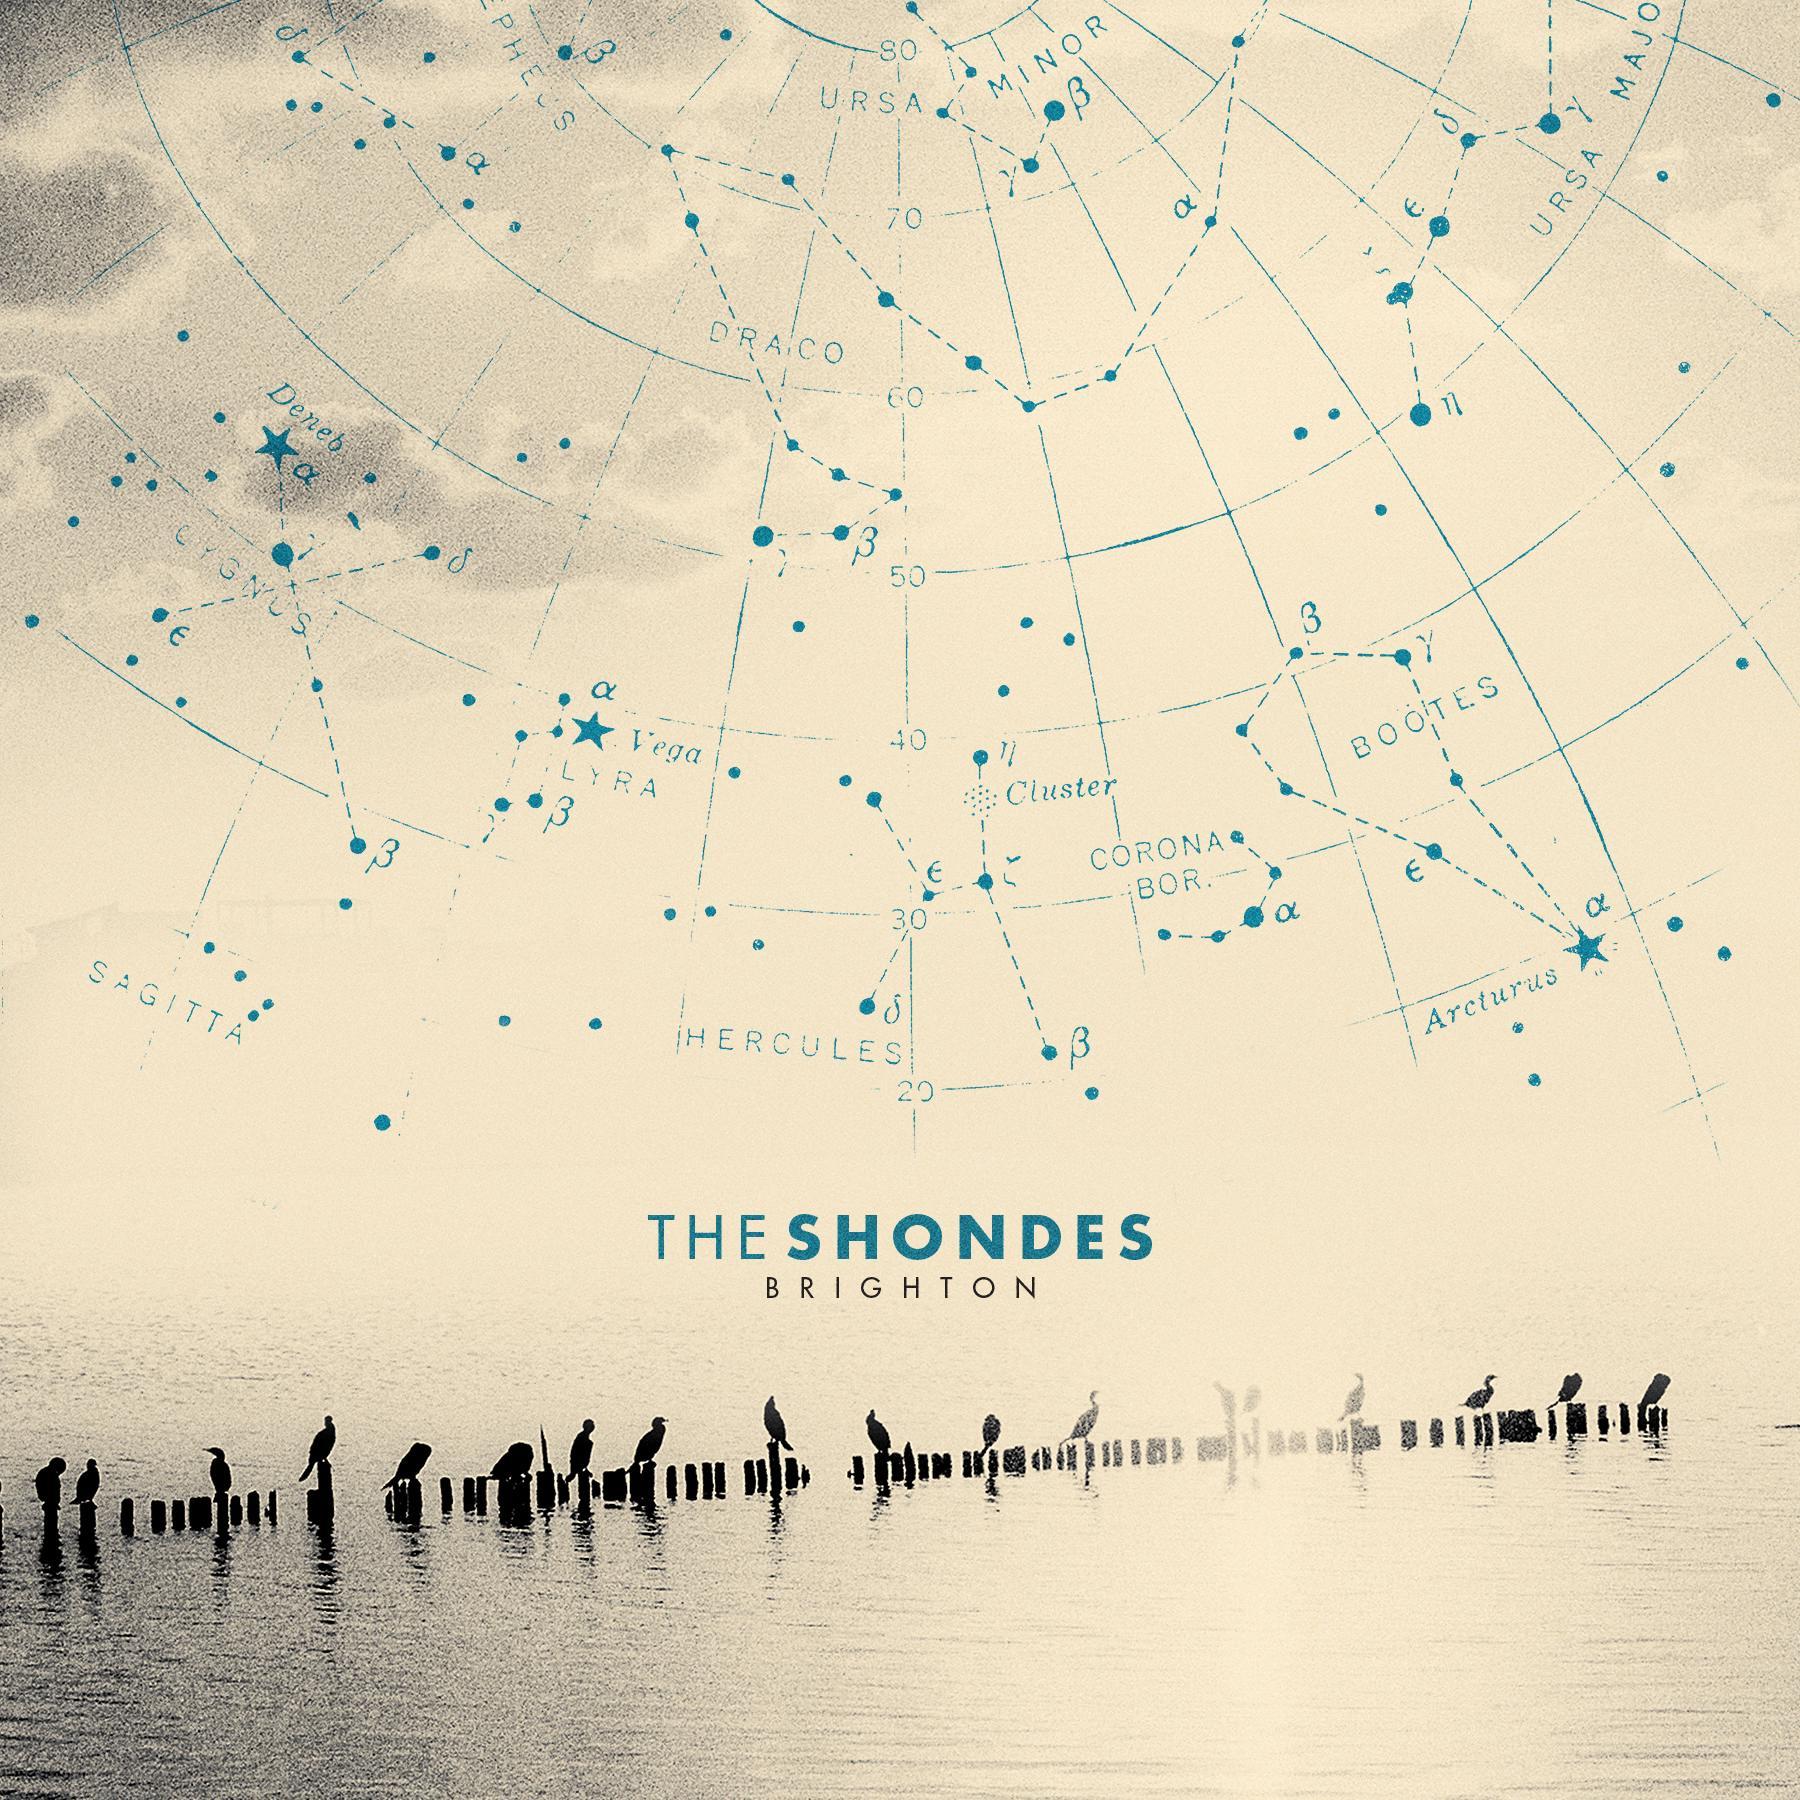 shondes